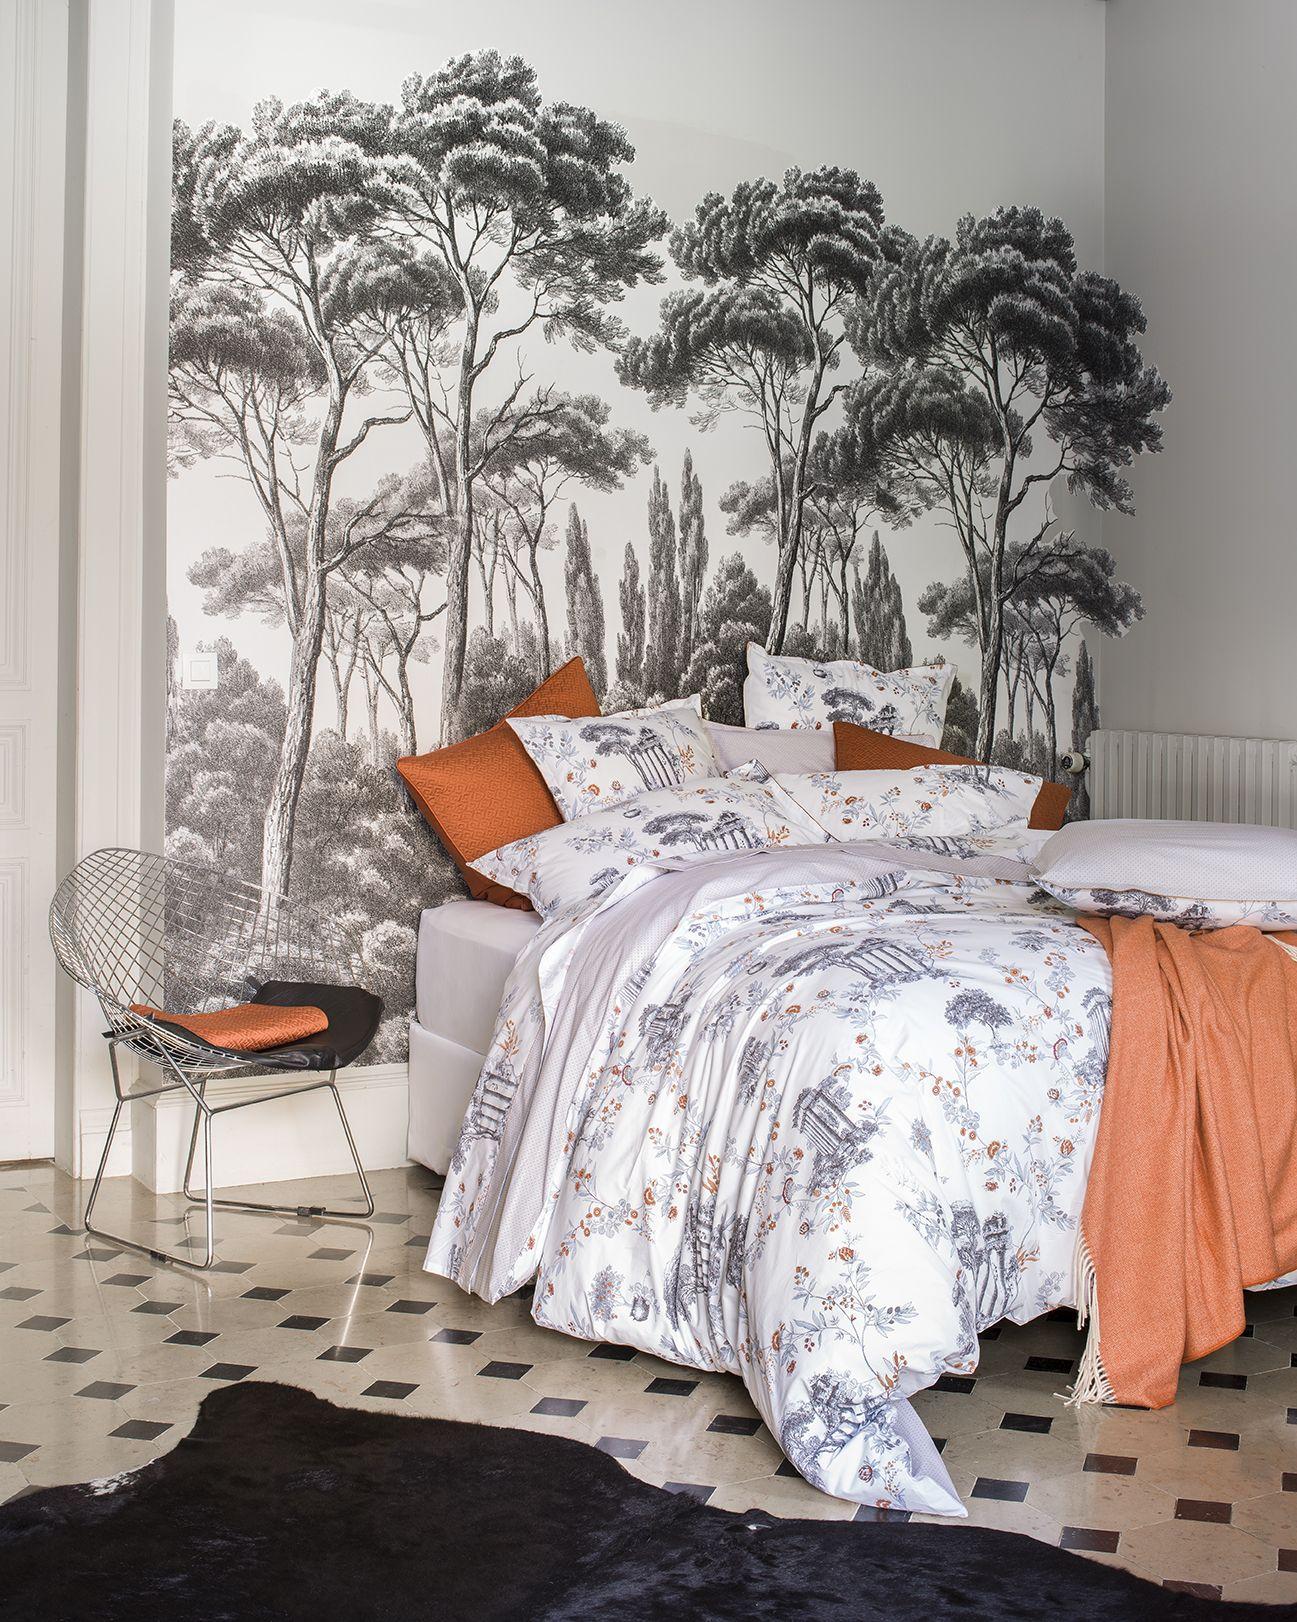 Alexandre turpault linge de maison via antiqua pour la décoration de votre chambre bedlinen collection